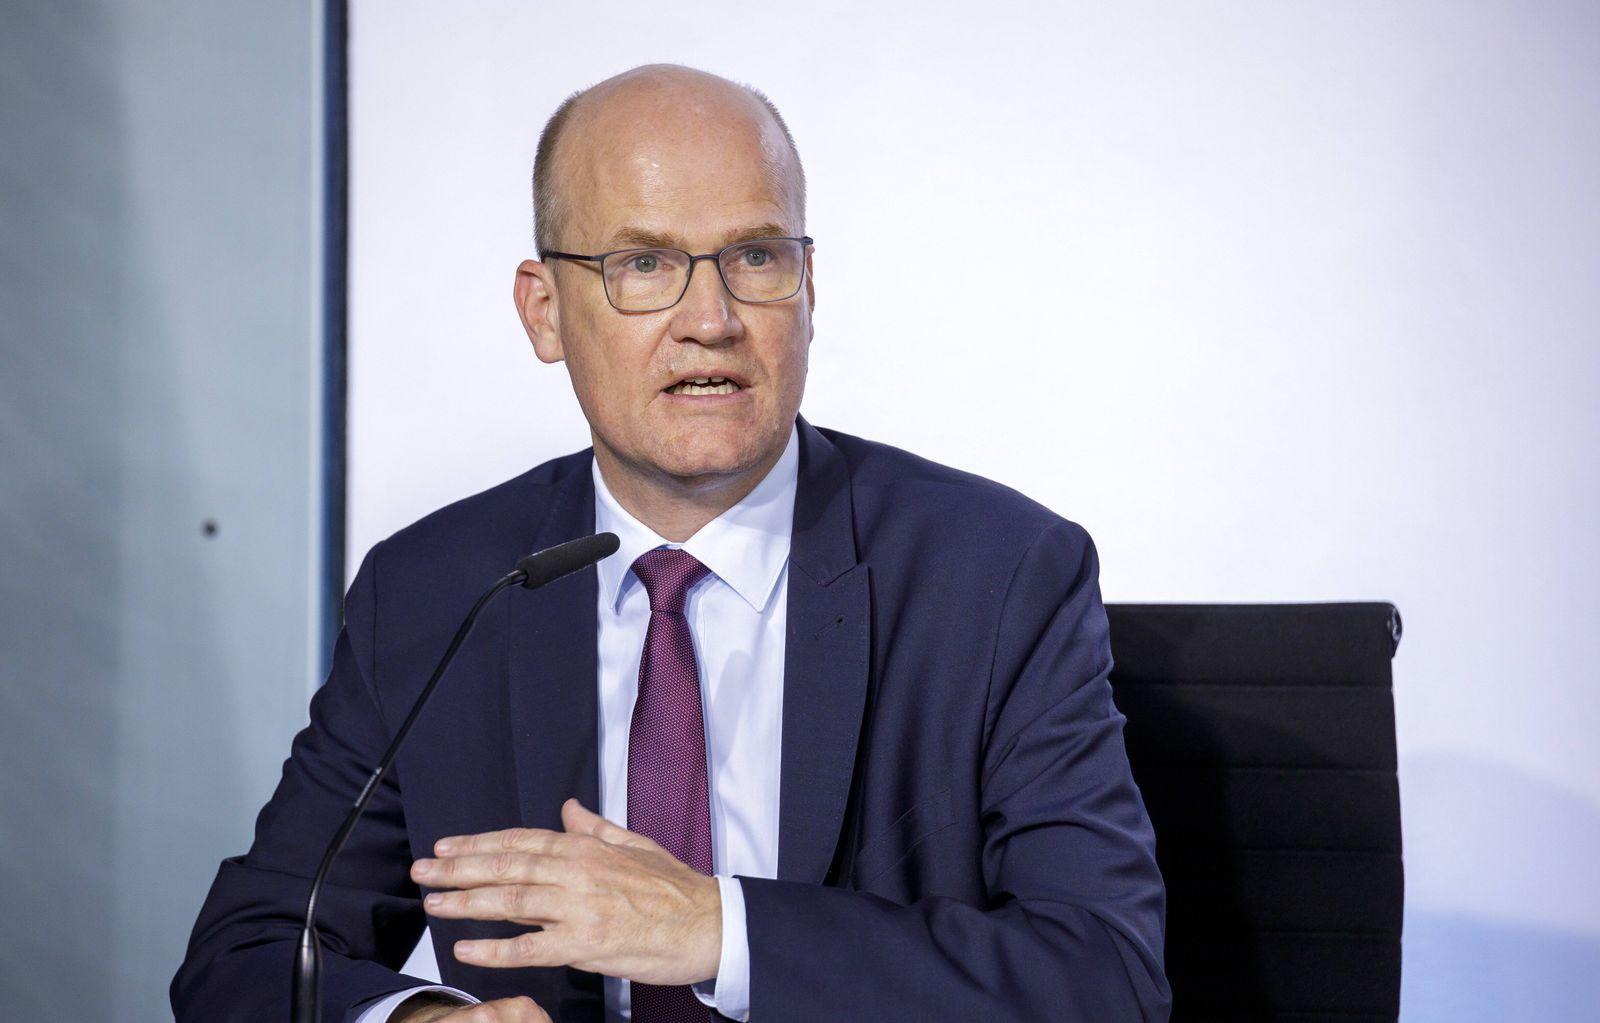 Pressekonferenz zur Vorstellung des Konjunkturpaketes nach dem Koalitionsgipfel von SPD und CDU/CSU. Ralf Brinkhaus, CD